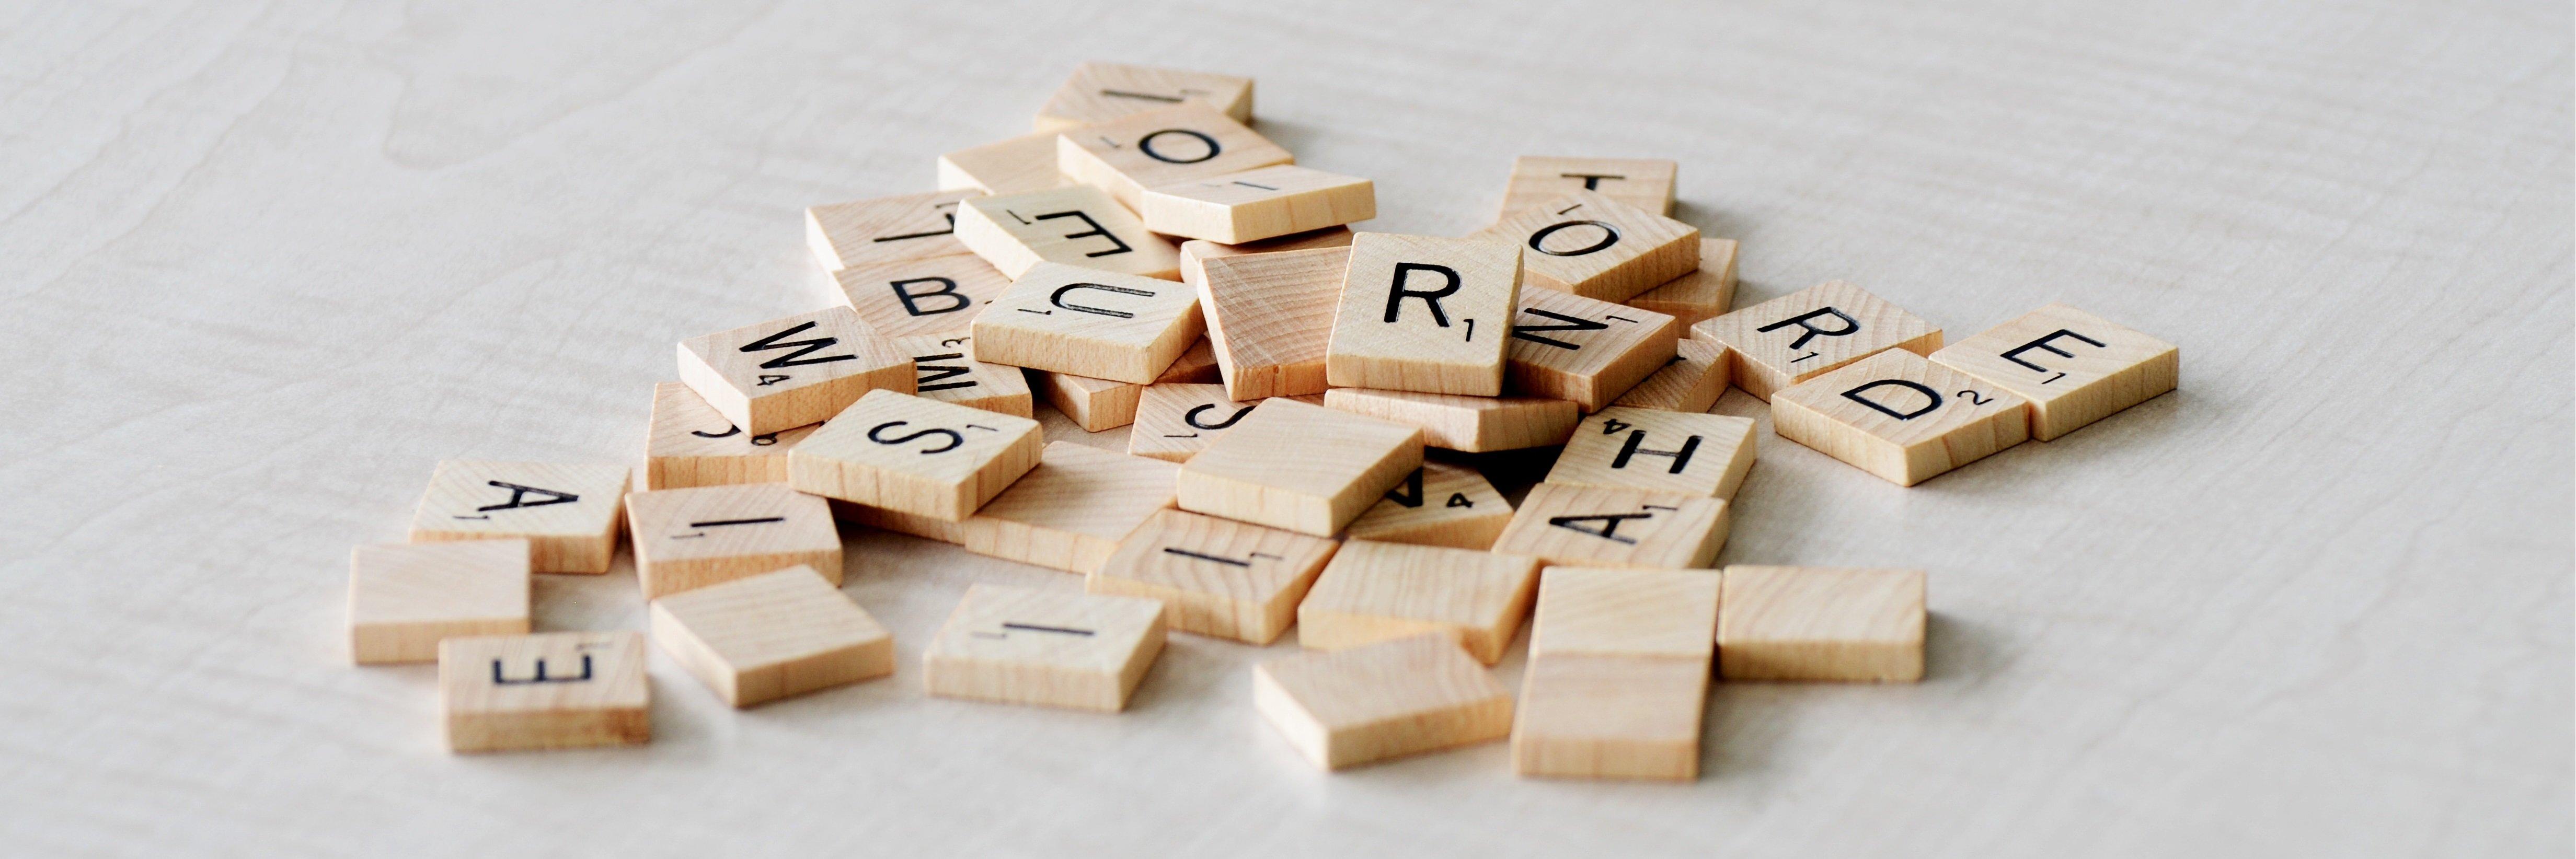 fastway al-fea-bet letters.jpeg